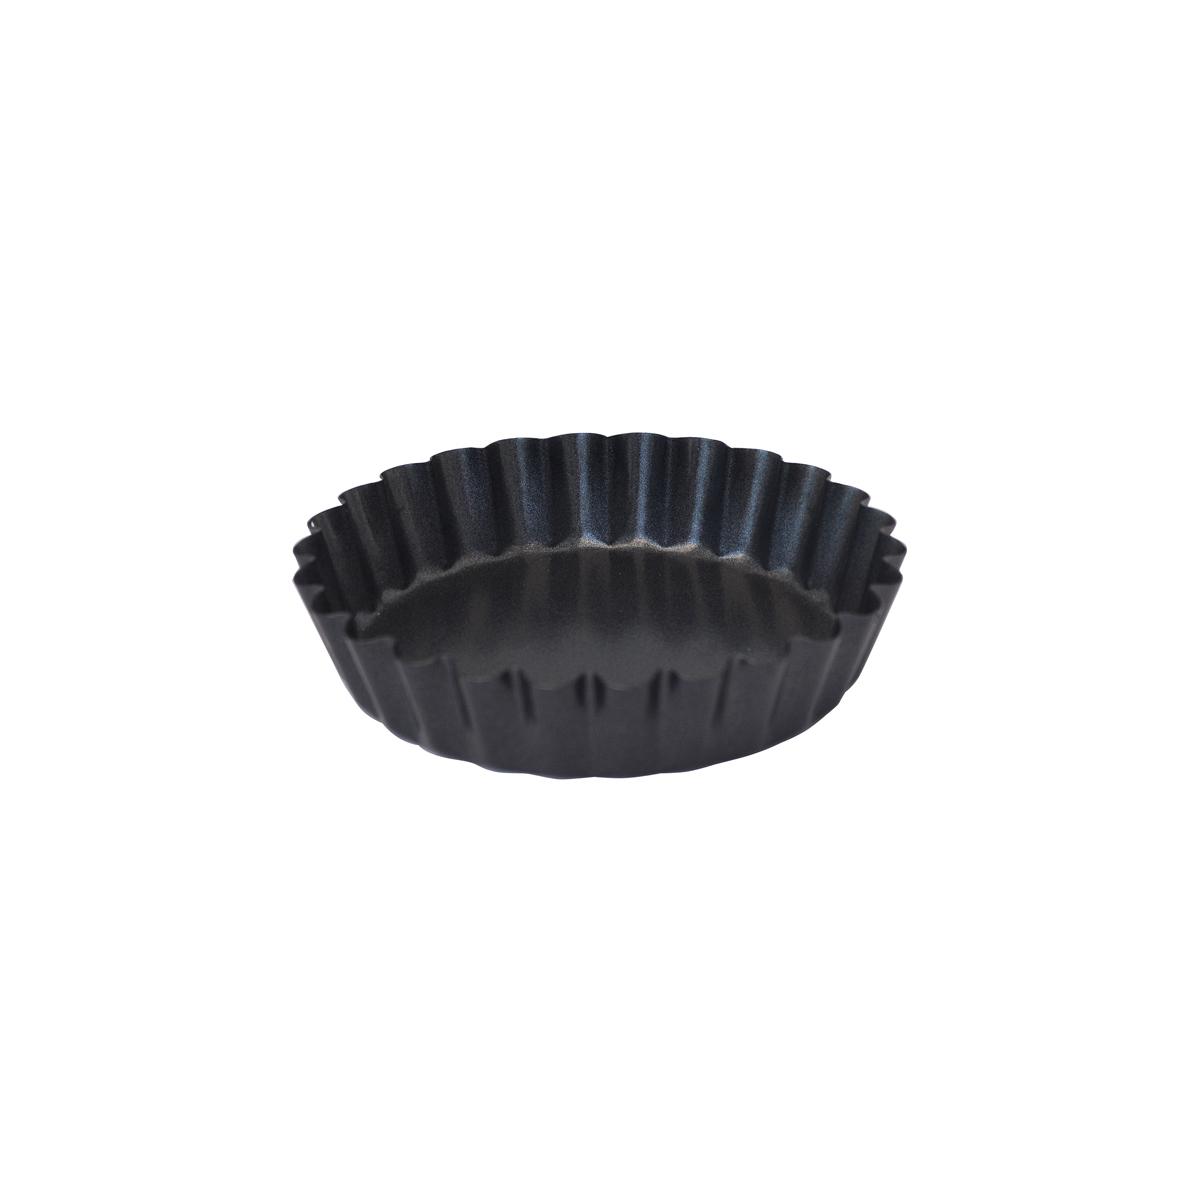 de Buyer Patisserie Tarteletteform 10 cm aus Stahl mit Antihaftbeschichtung